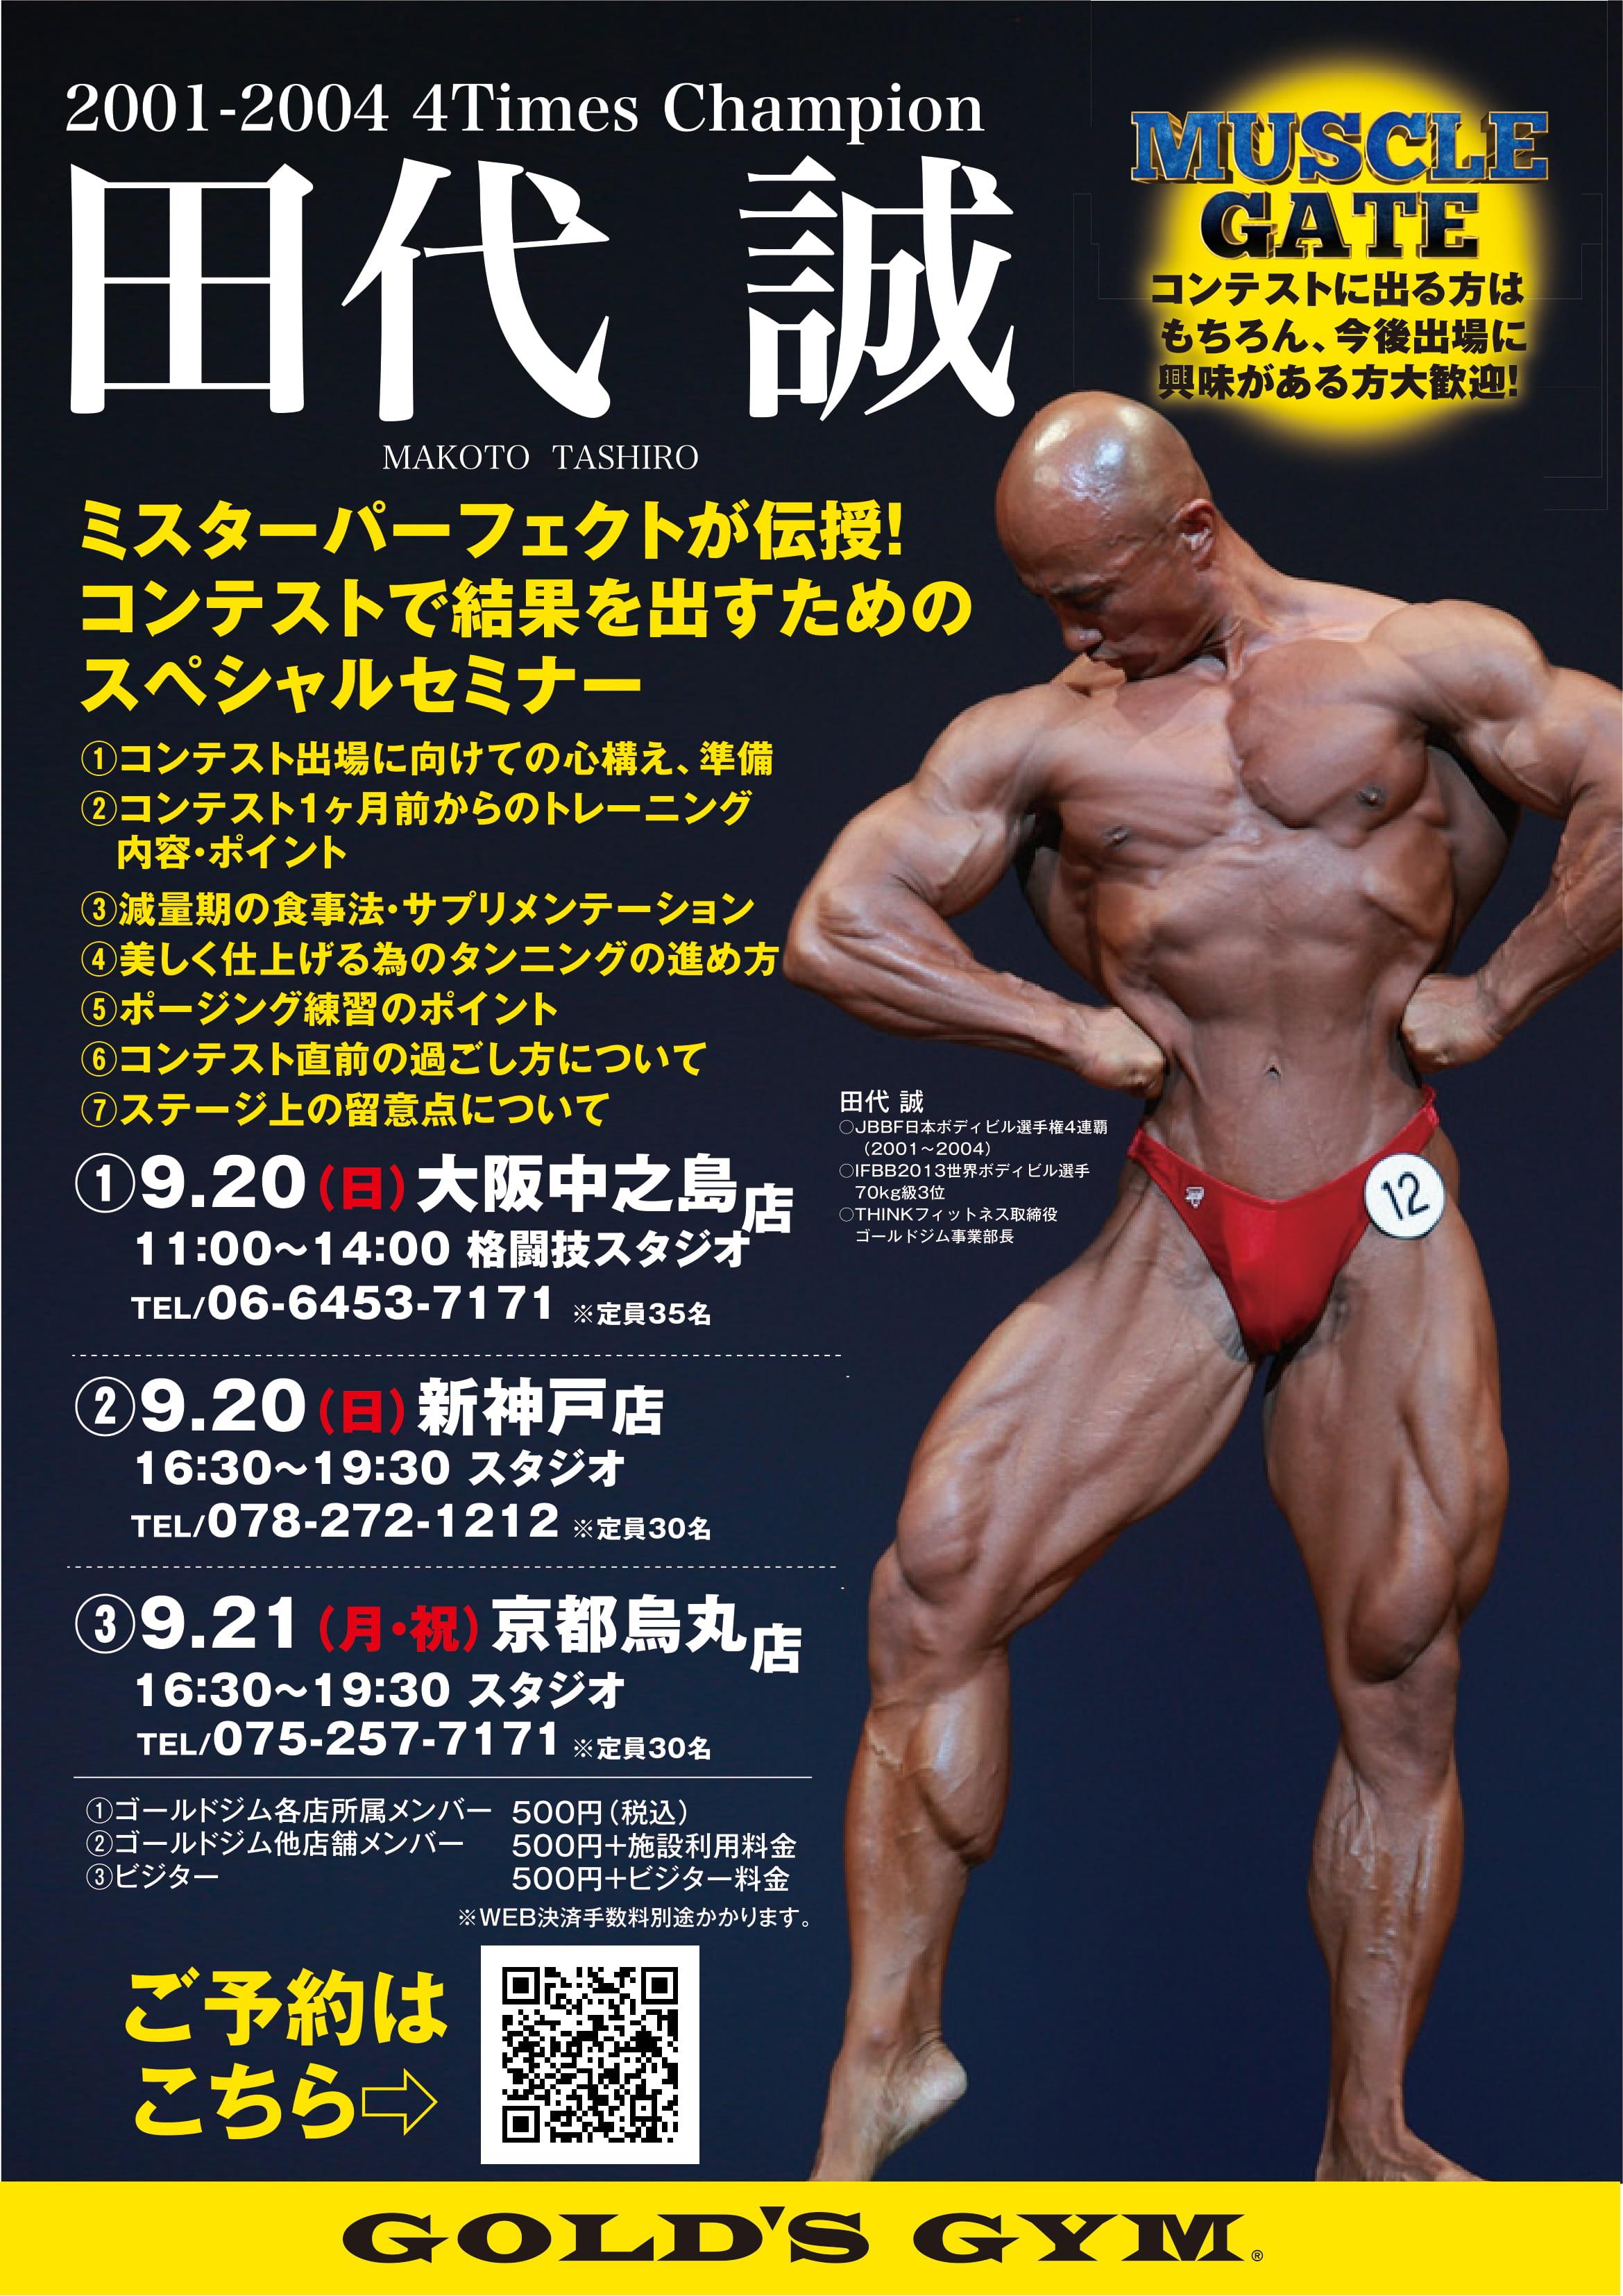 コンテストで結果を出すためのスペシャルセミナー(GG新神戸)